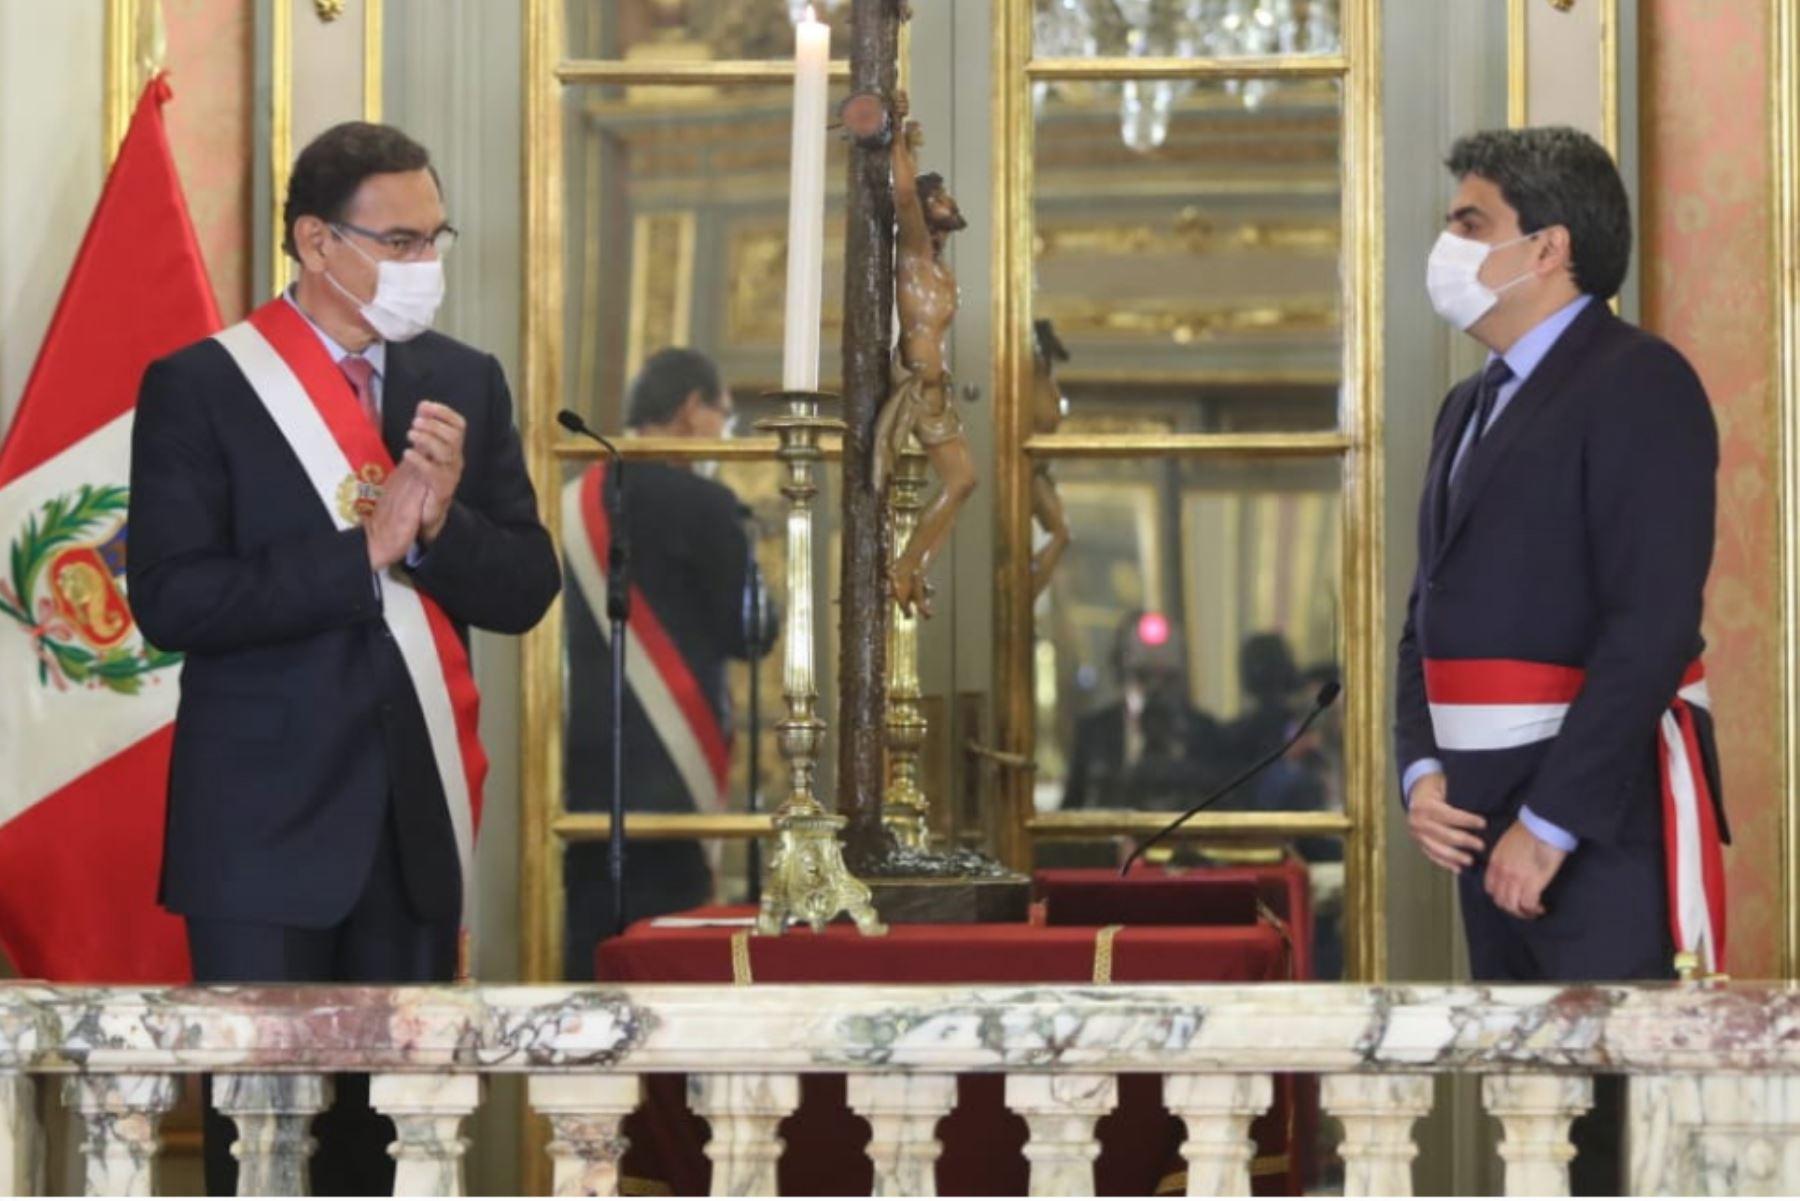 El presidente de la República, Martín Vizcarra, toma juramento a Martín Benavides como ministro de Educación.  Foto: ANDINA/ Prensa Presidencia